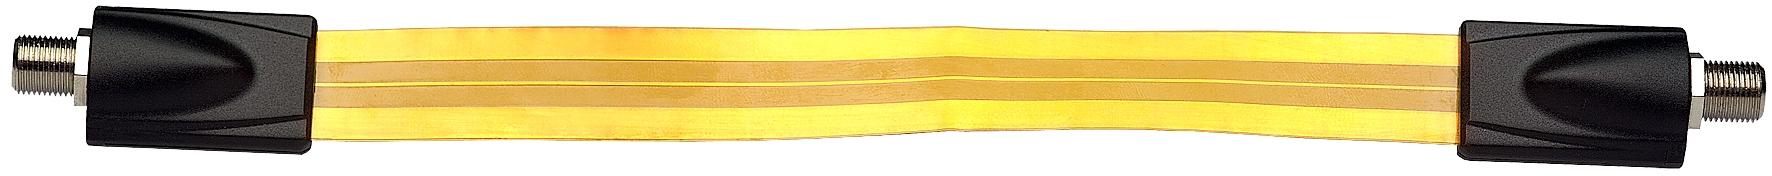 1 Stk SAT Fensterdurchführung Folie, 2x F-Buchse, 25cm, SAK 25-01 HSATPFD---